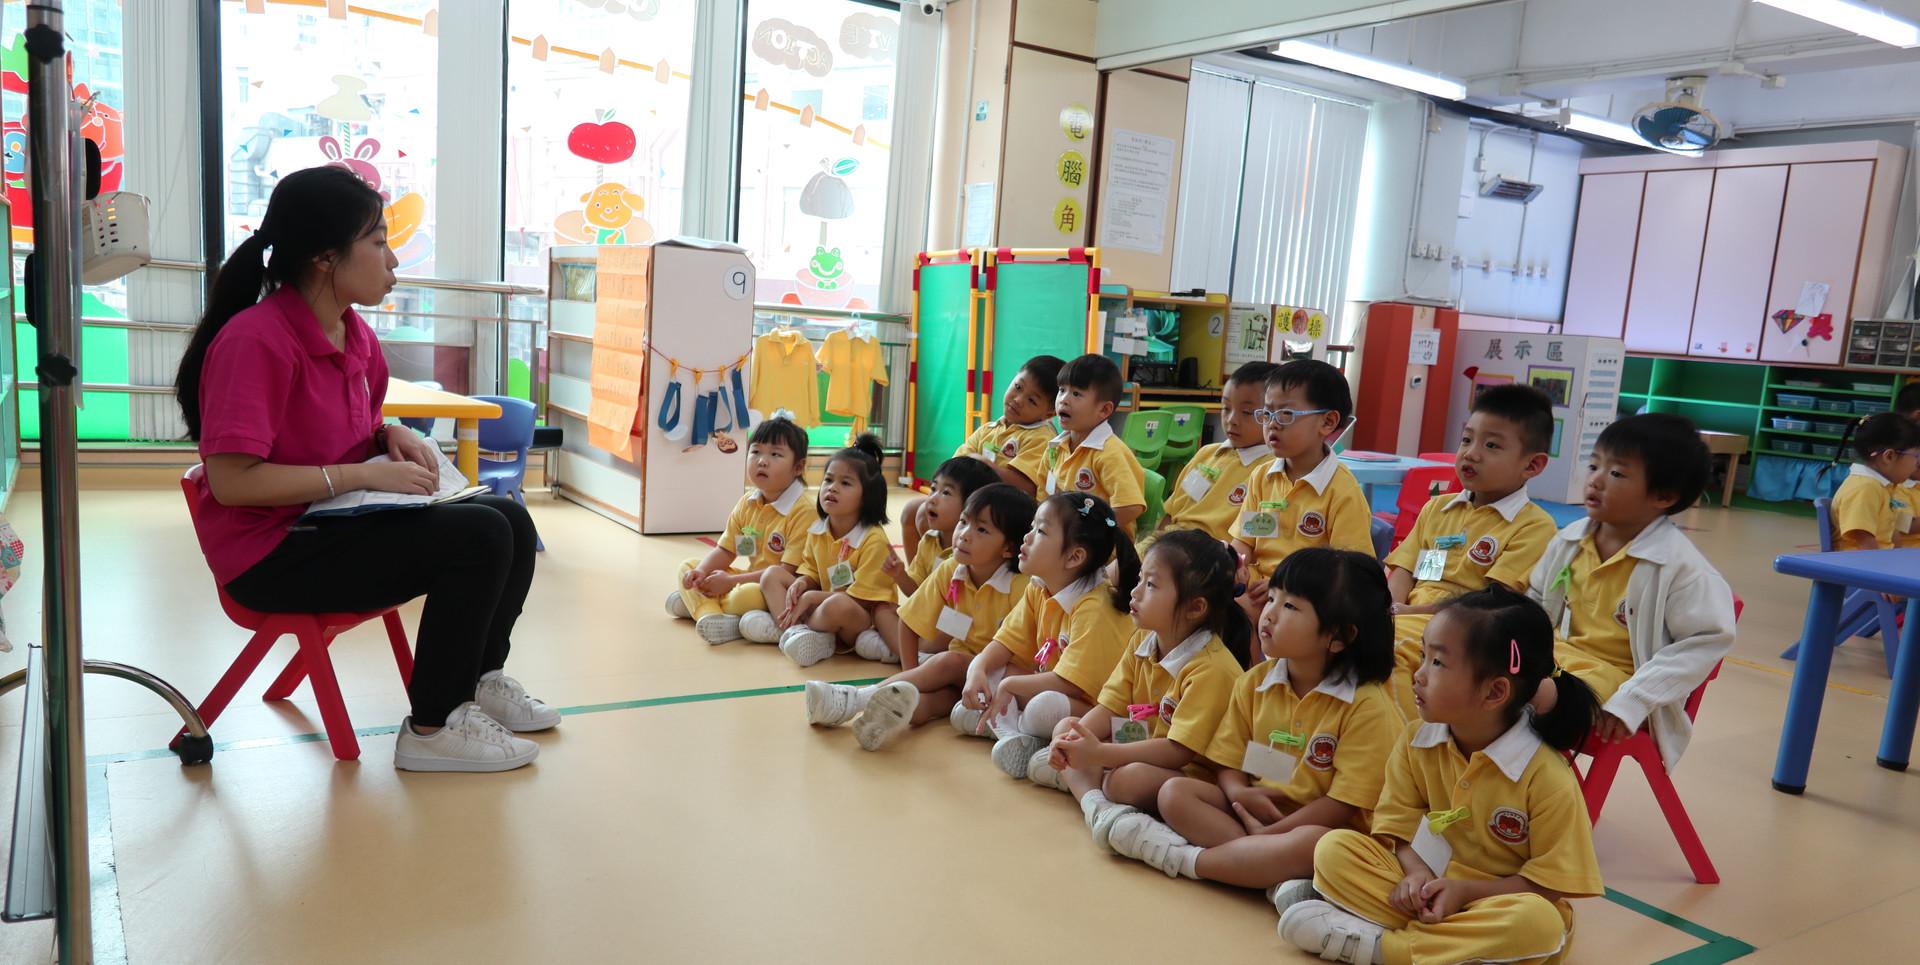 3小組學習活動.JPG